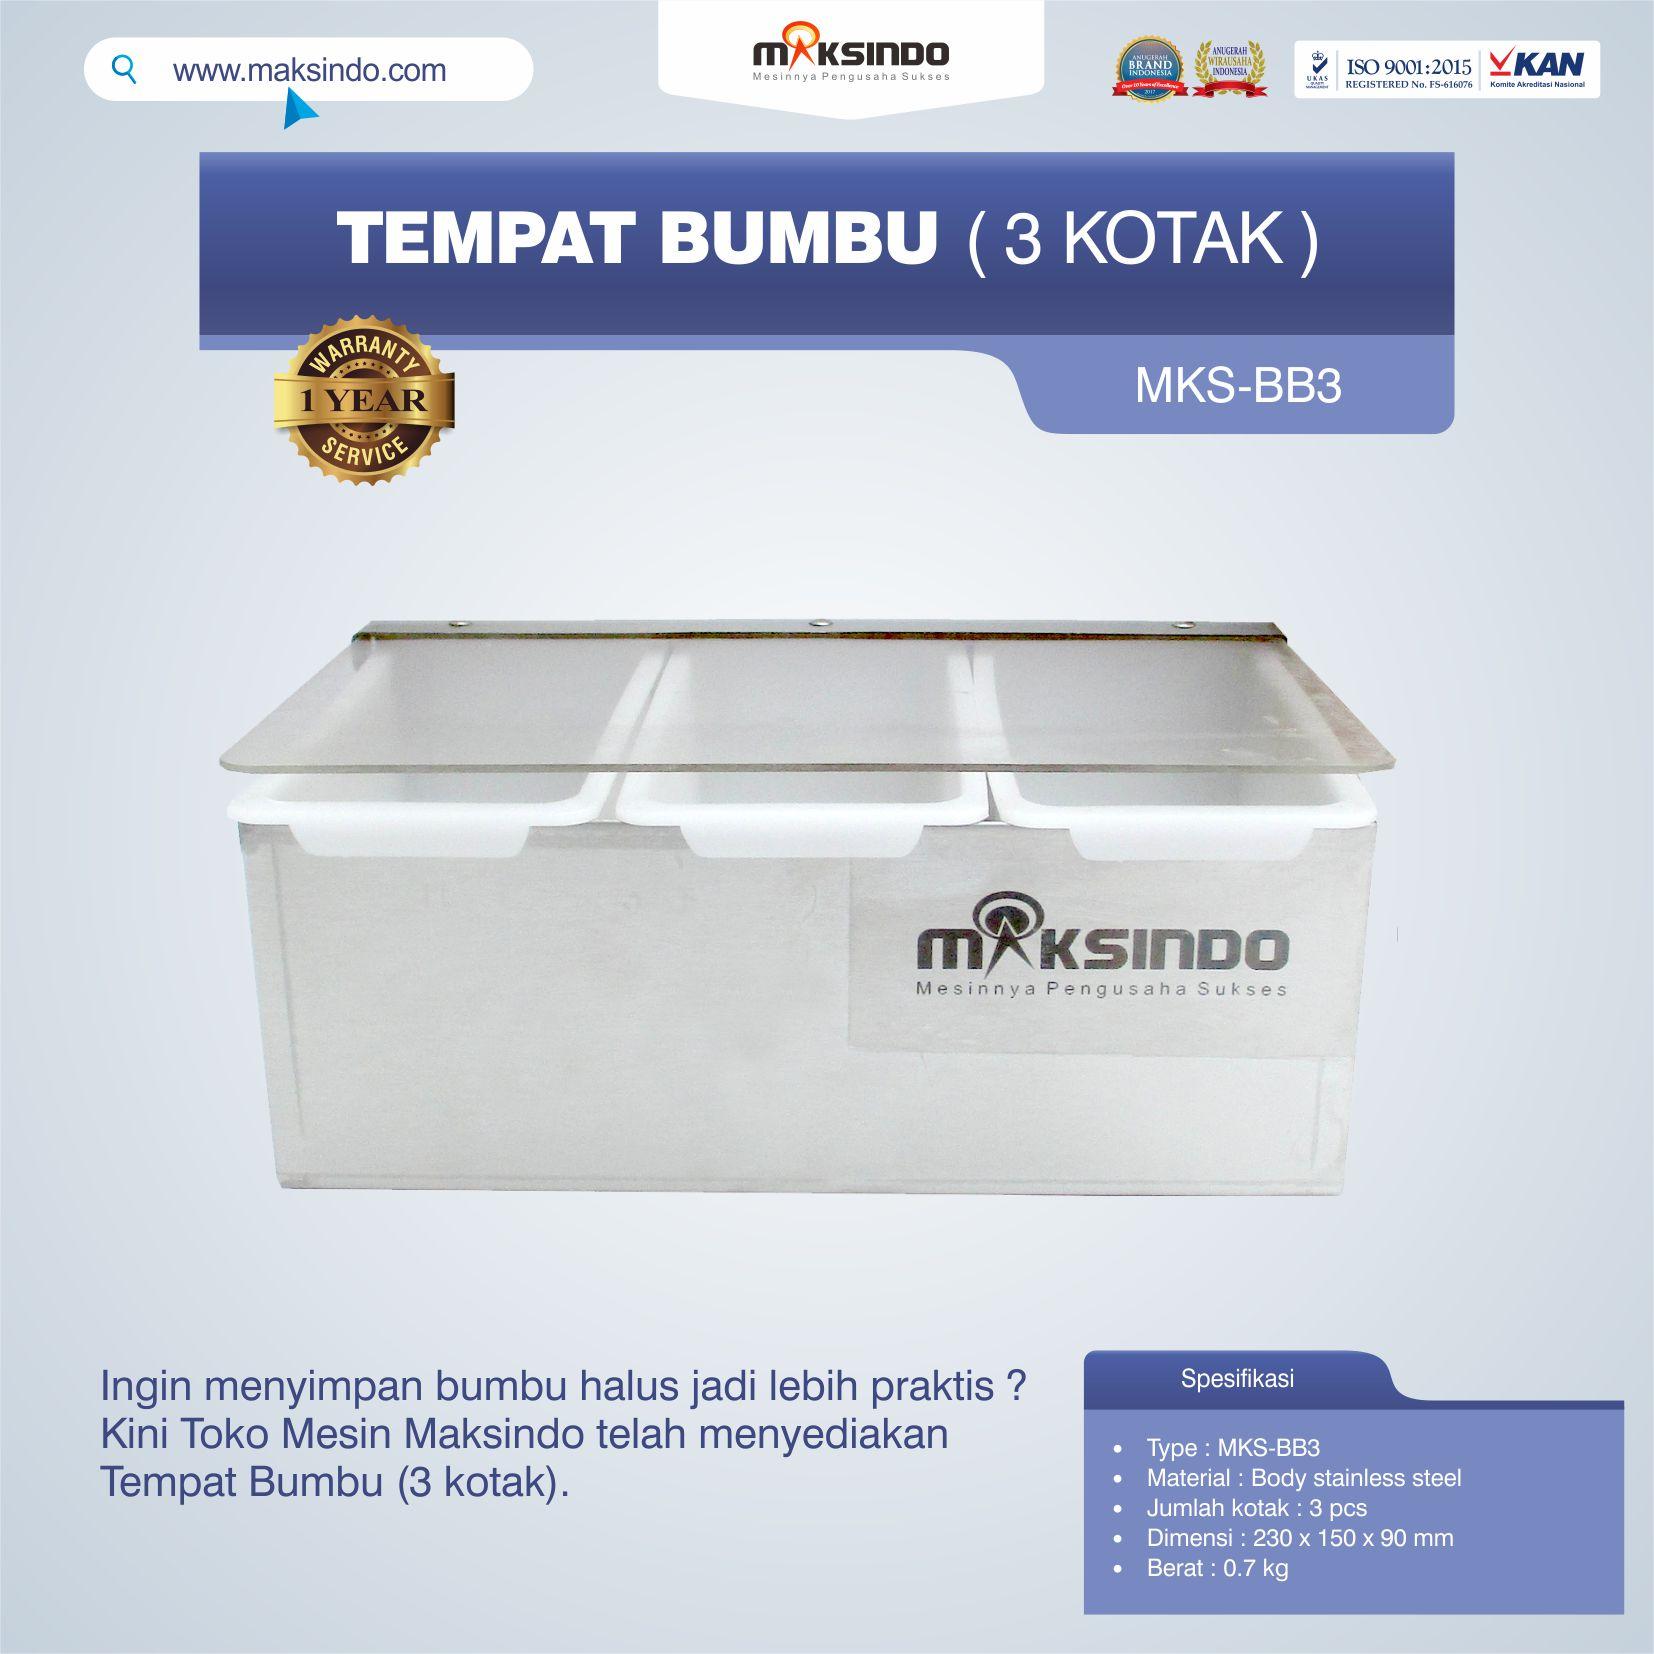 Jual Jual Tempat Bumbu (3 kotak) di Tangerang